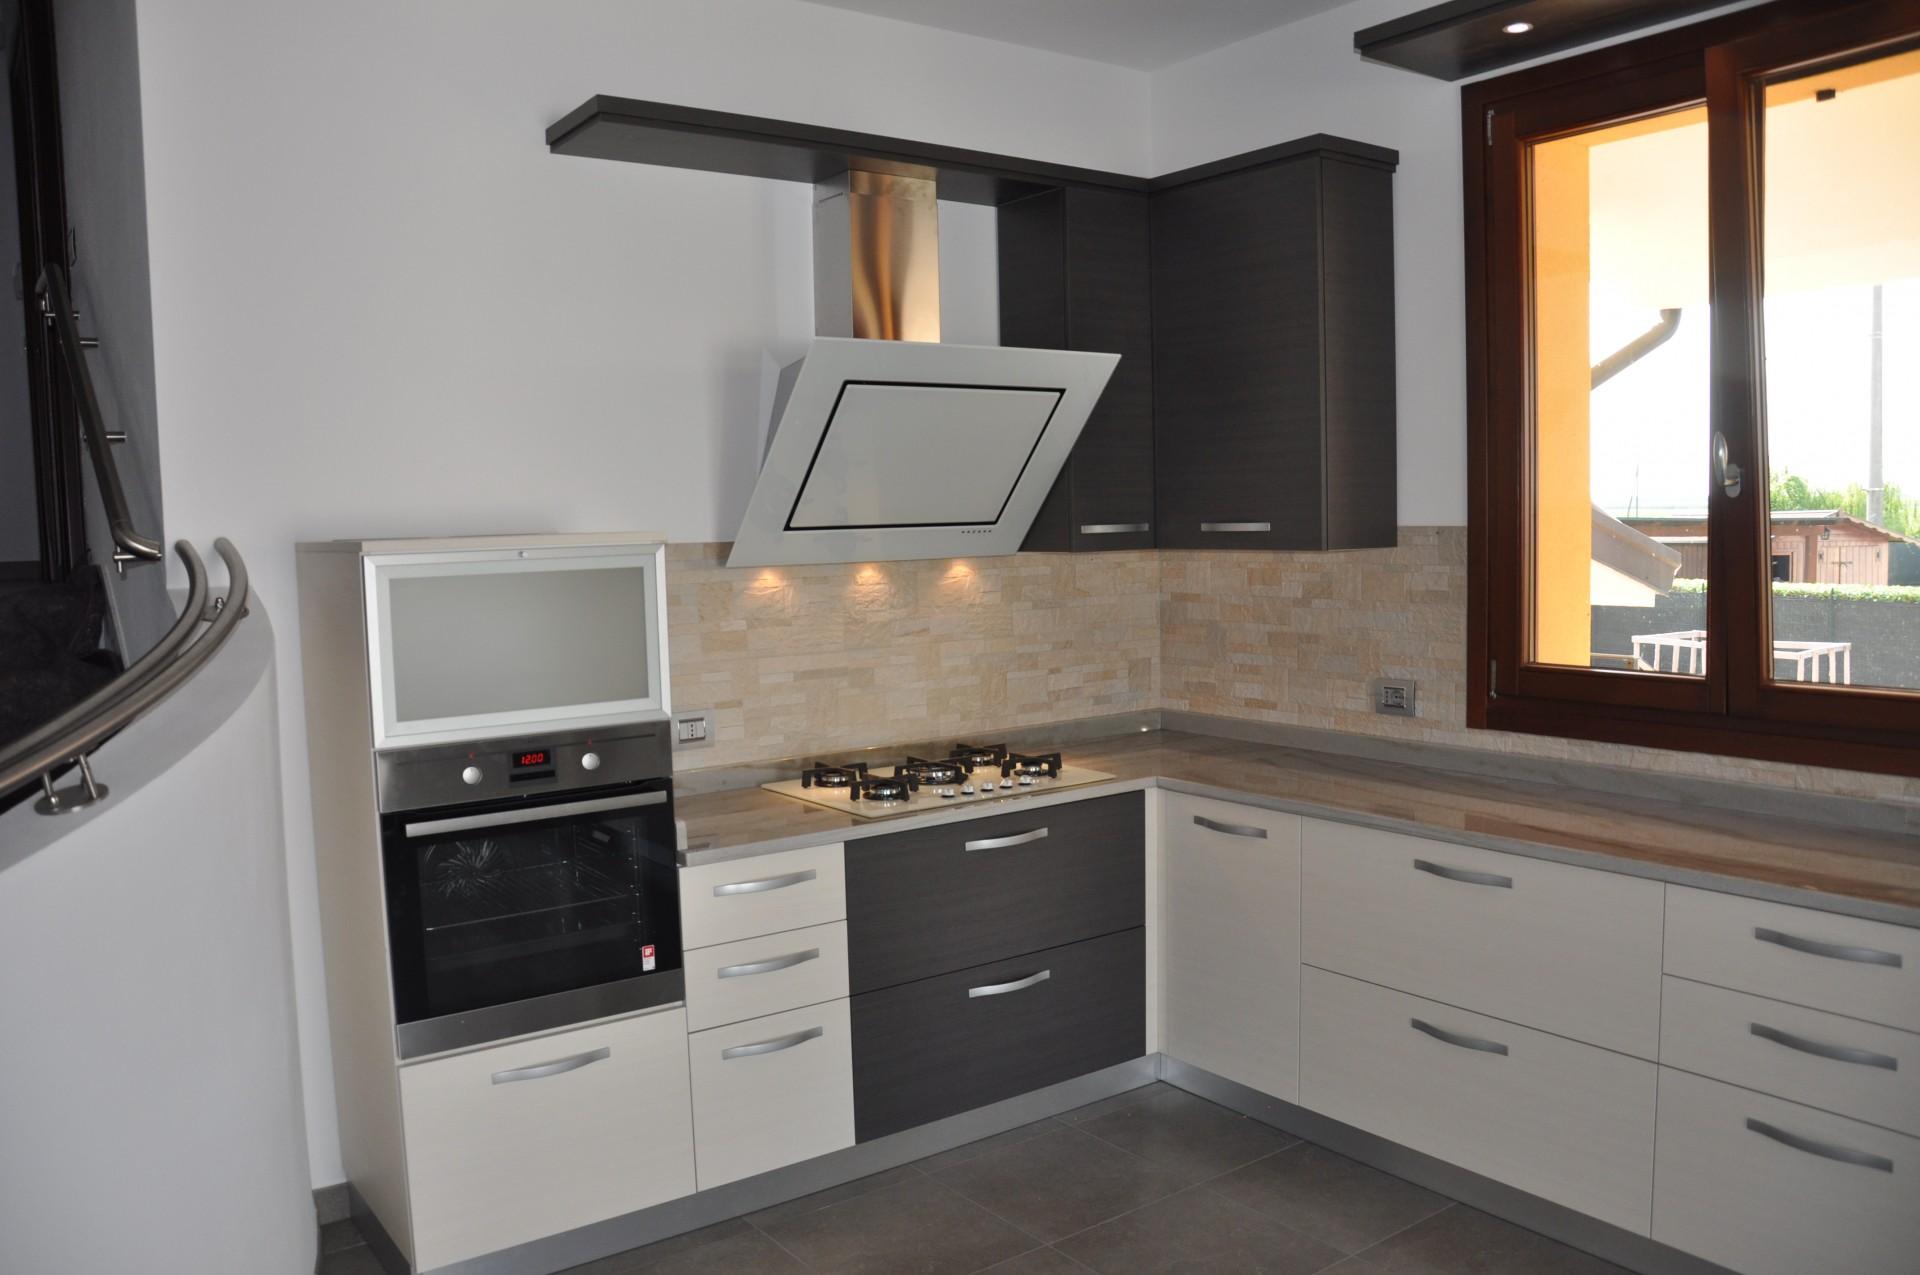 Colori cucina moderna top cucina modello erika per cucina - Cucine moderne colori ...